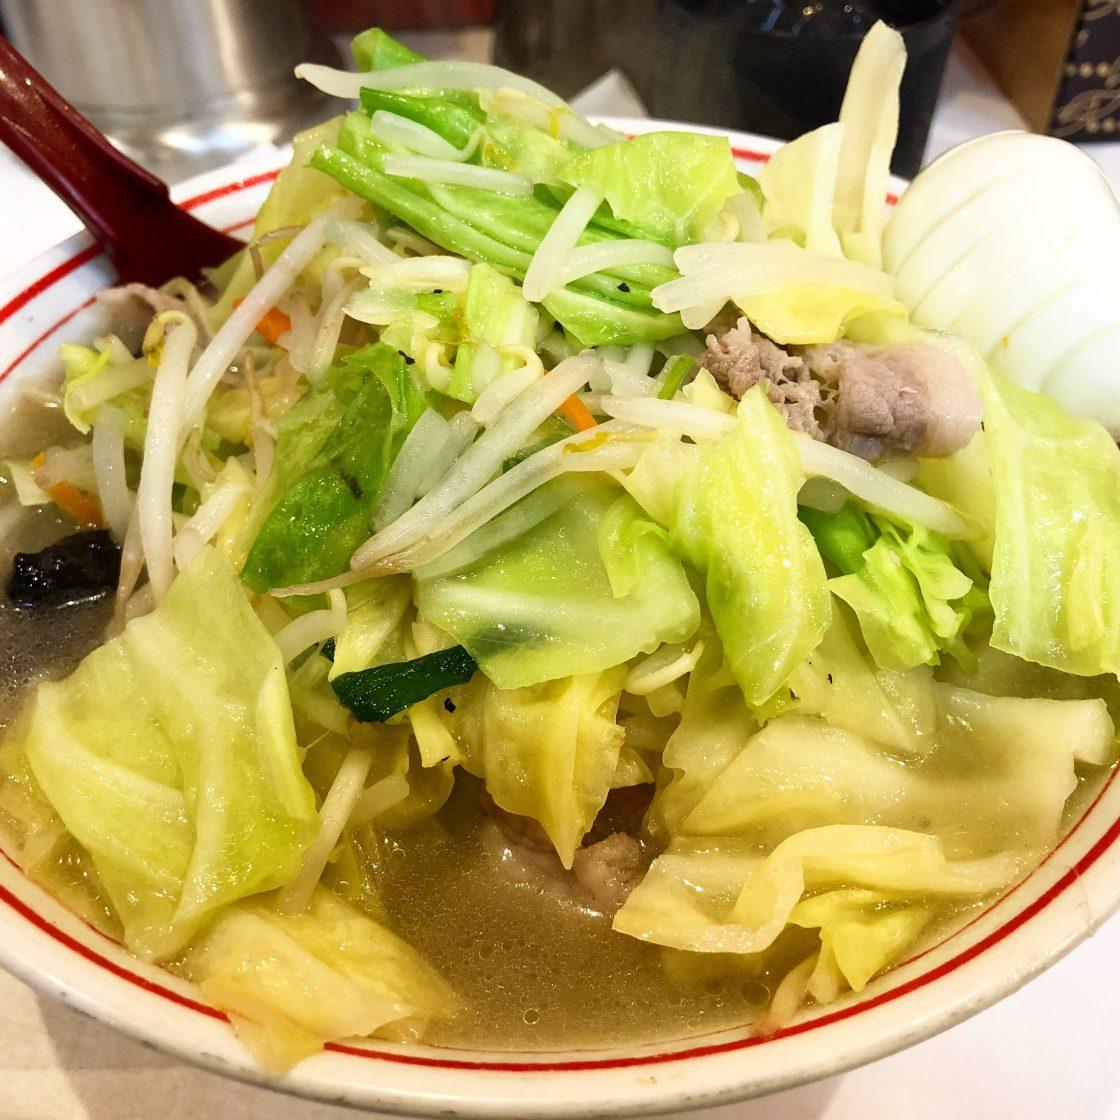 中 本 タンメン 蒙古 「蒙古タンメン中本」の中毒性は異常…!飲み会の帰りに「中本」の看板を見ただけなのに気づいたら完食完飲していた話